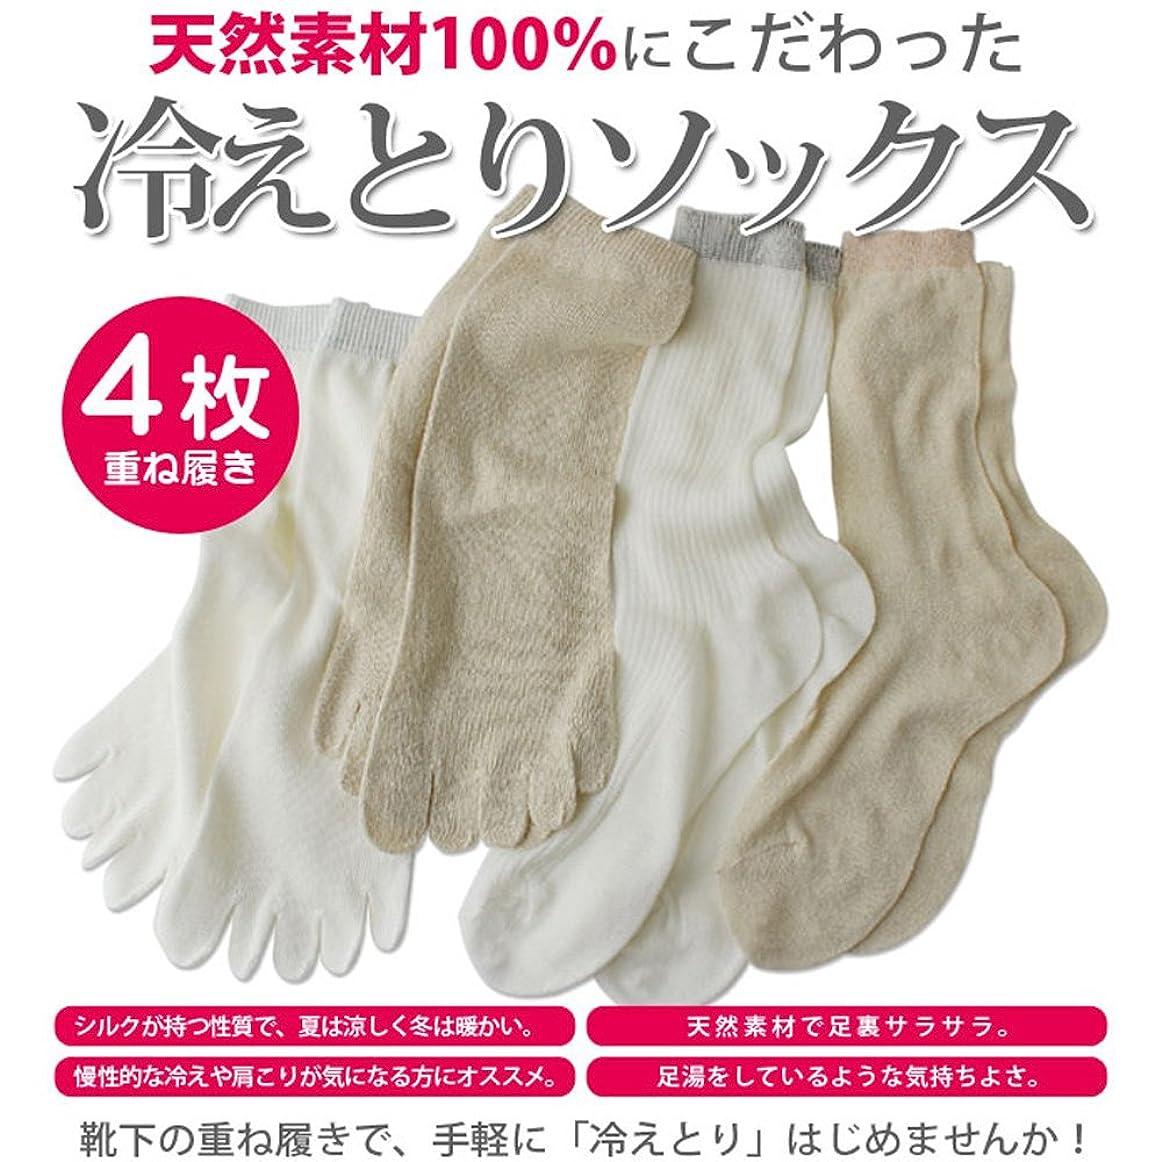 愛人スポーツの試合を担当している人著者冷え取り靴下 綿100%とシルク100% 呼吸ソックス 4枚重ねばきであったか 4枚セット